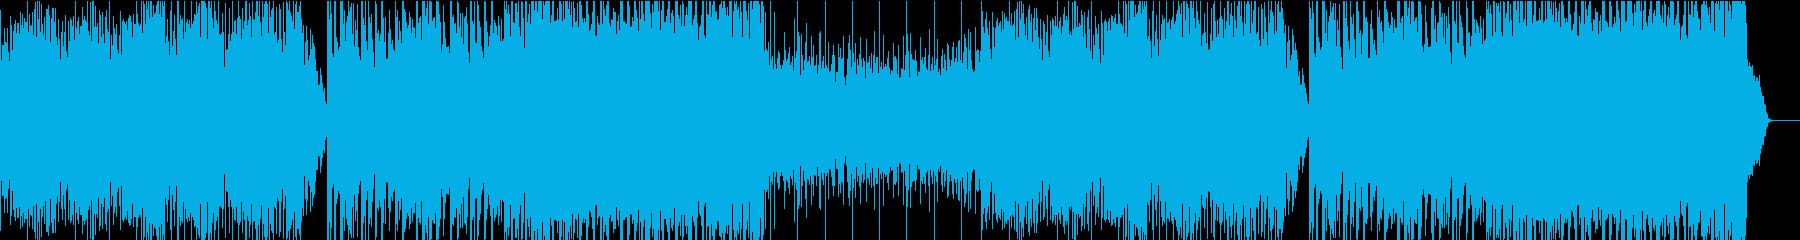 パワフルなリフが印象的なトラップ、EDMの再生済みの波形